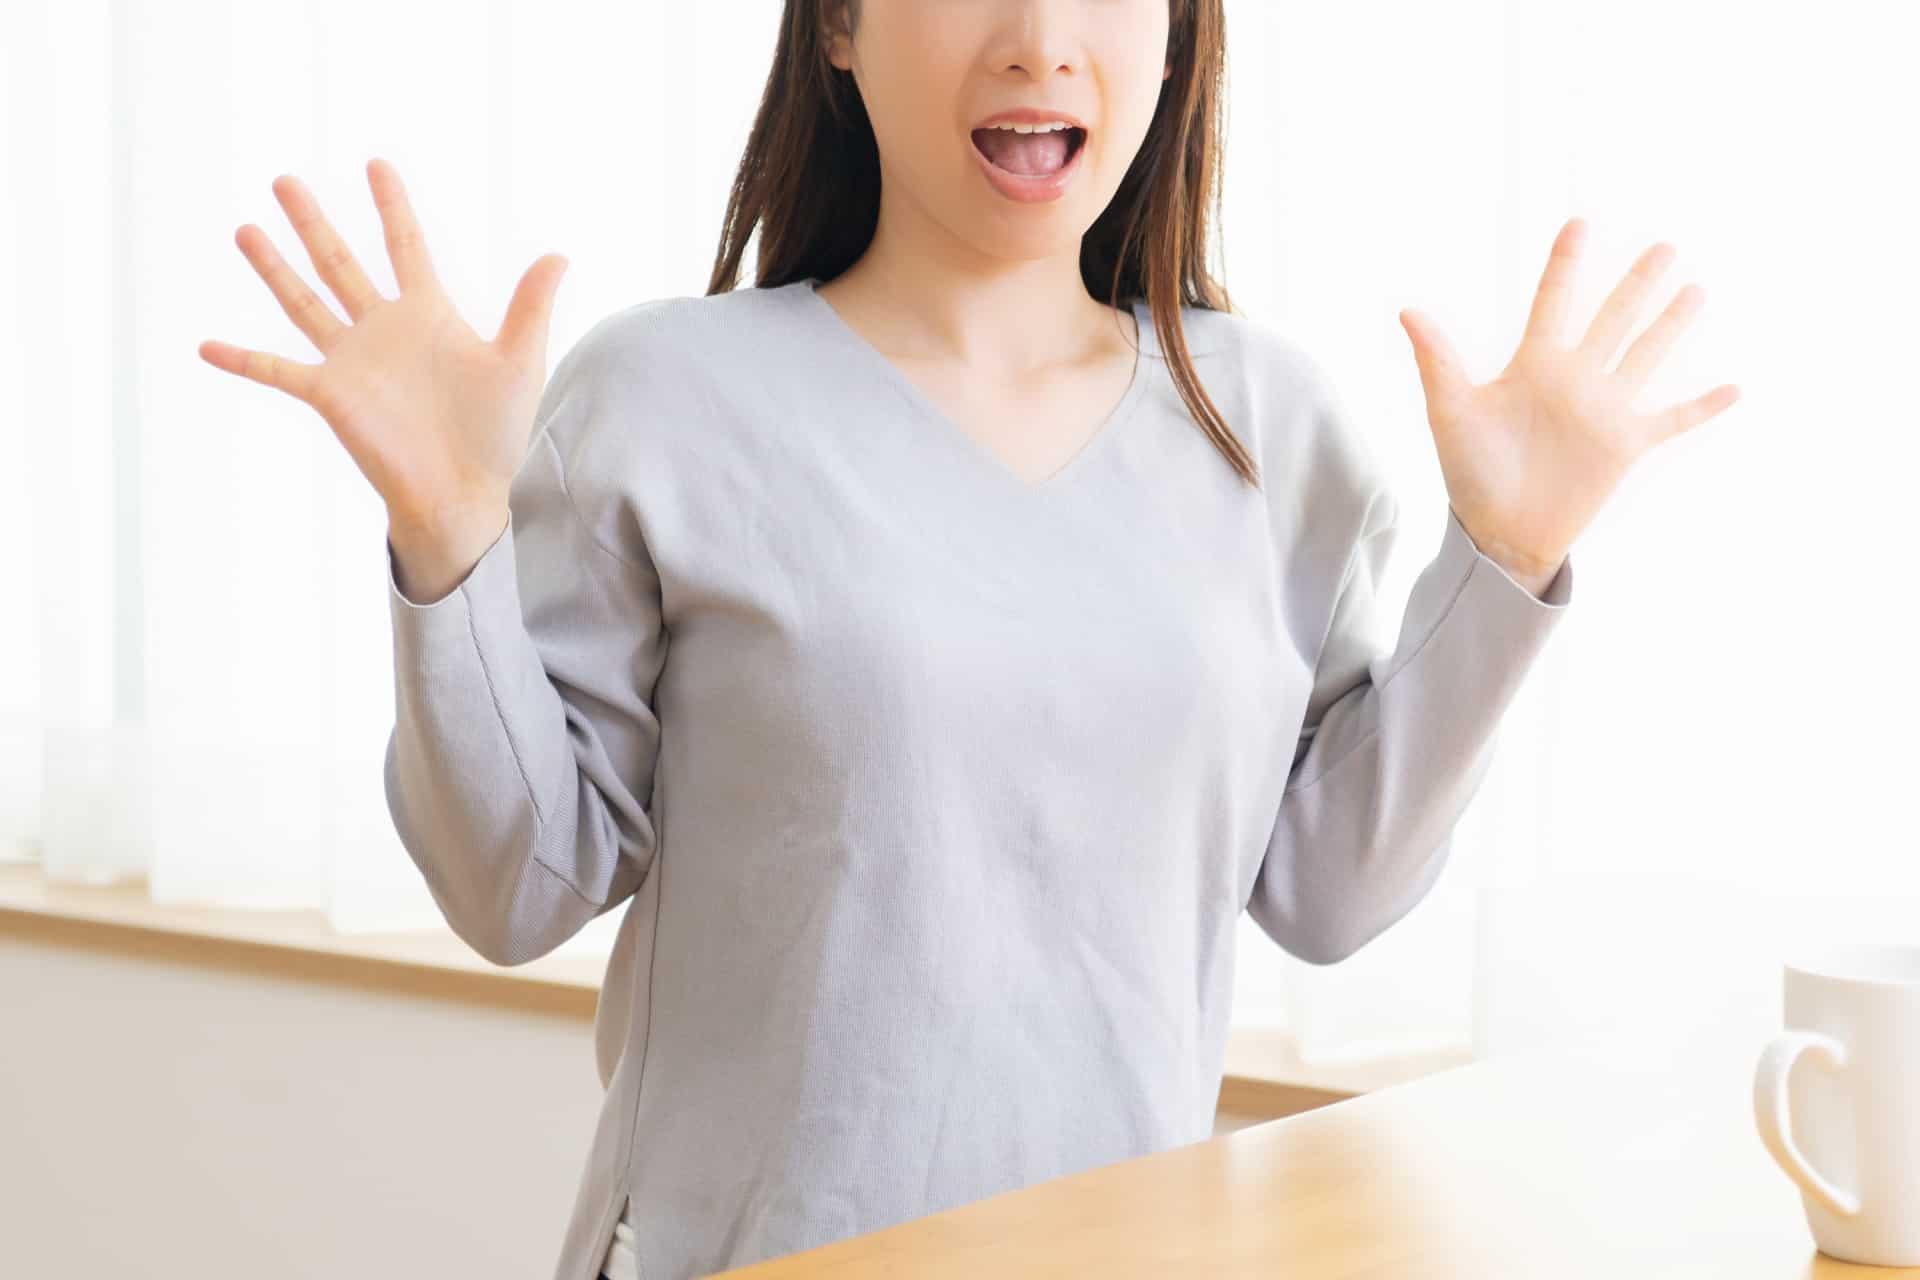 両手を広げて驚く女性